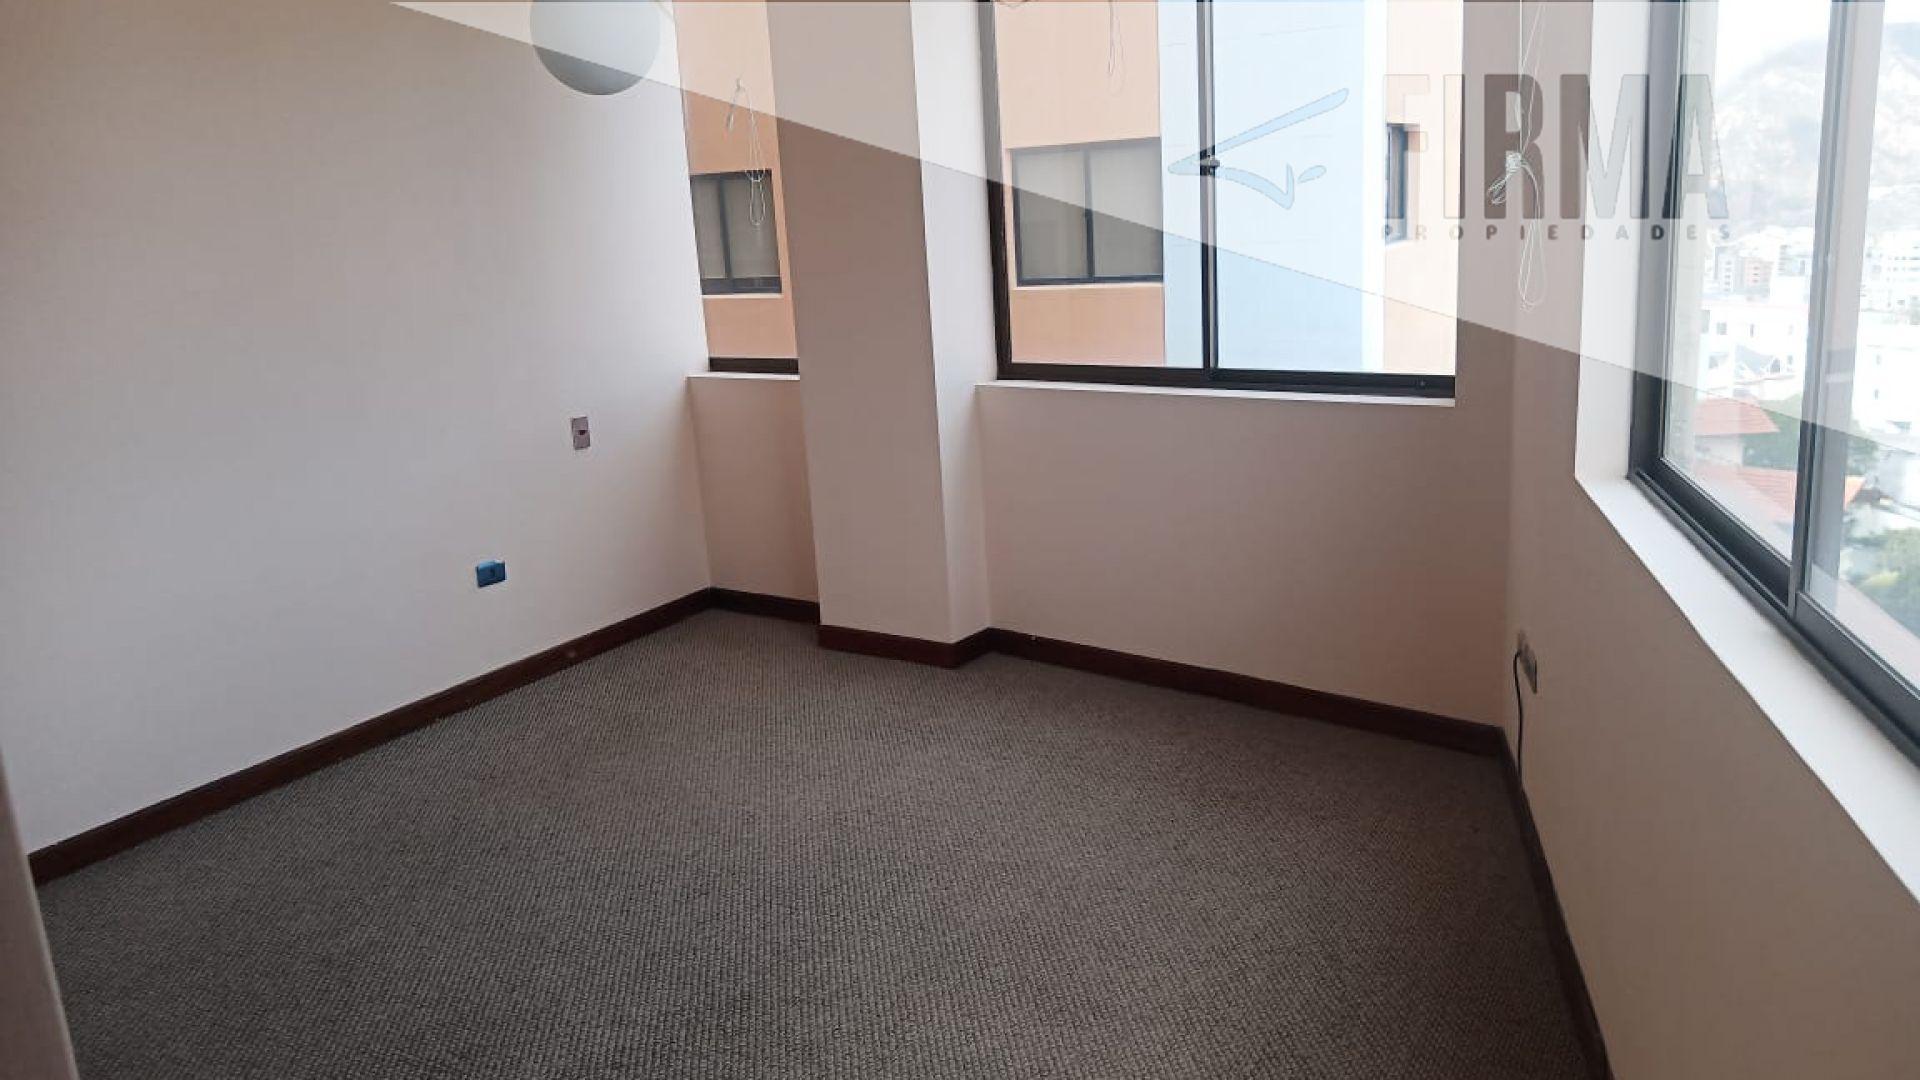 Departamento en Alquiler ALQUILA ESTE DEPARTAMENTO EN CALACOTO Foto 9